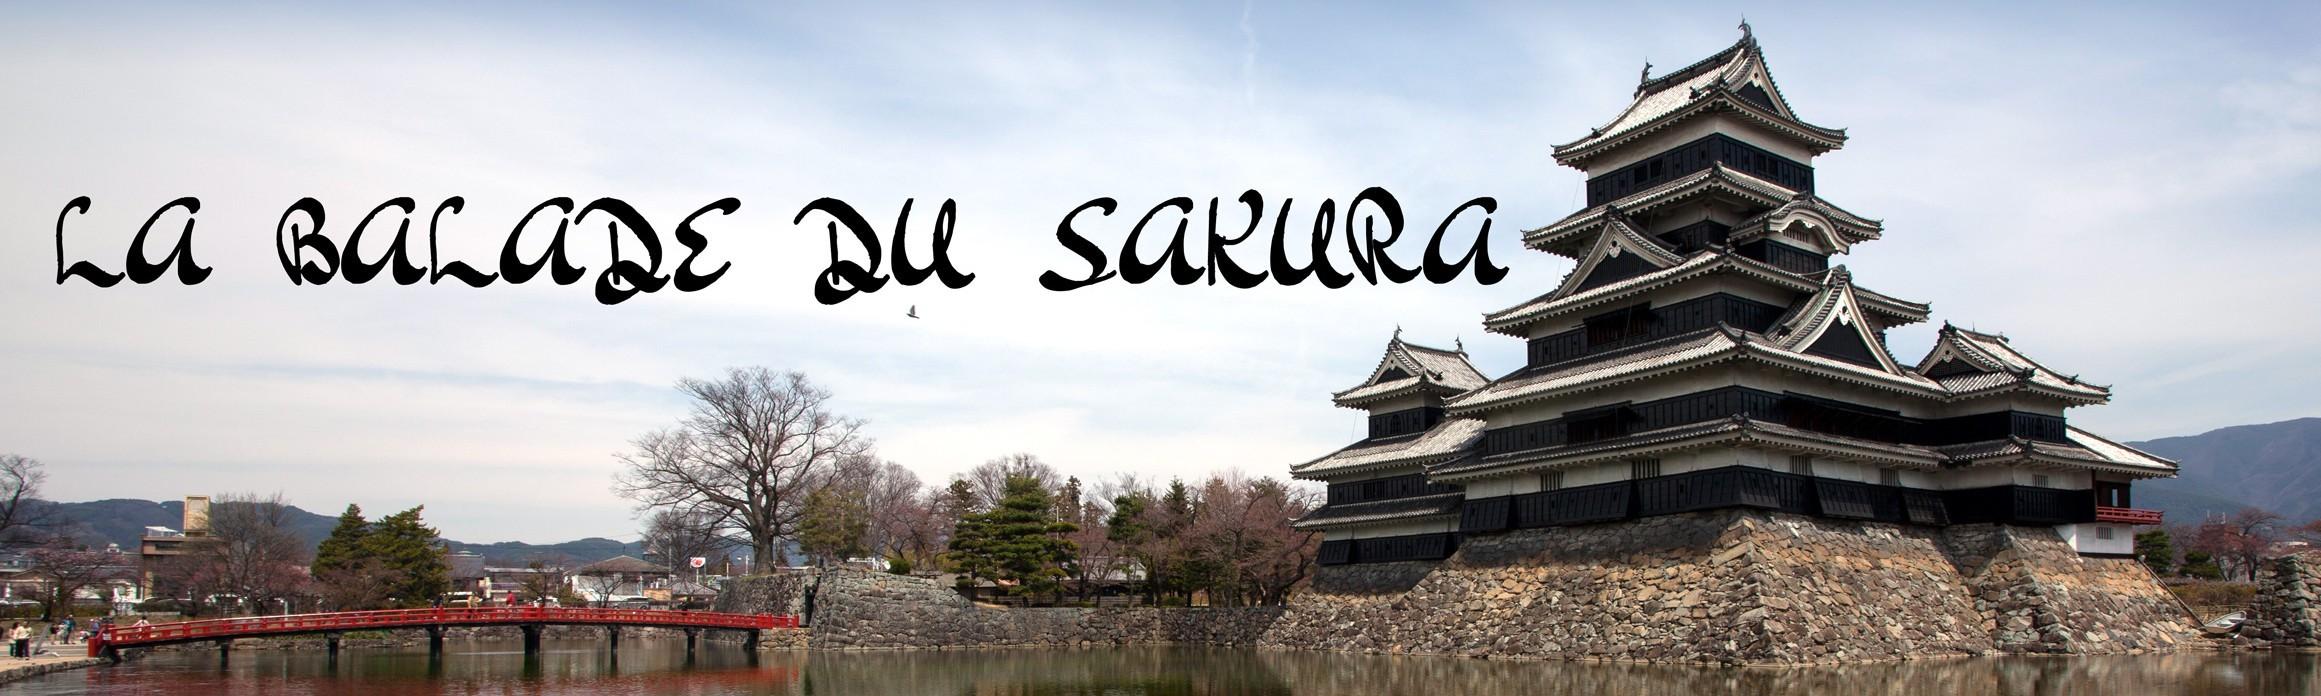 La balade du Sakura au Japon, sur les sentiers des châteaux japonais